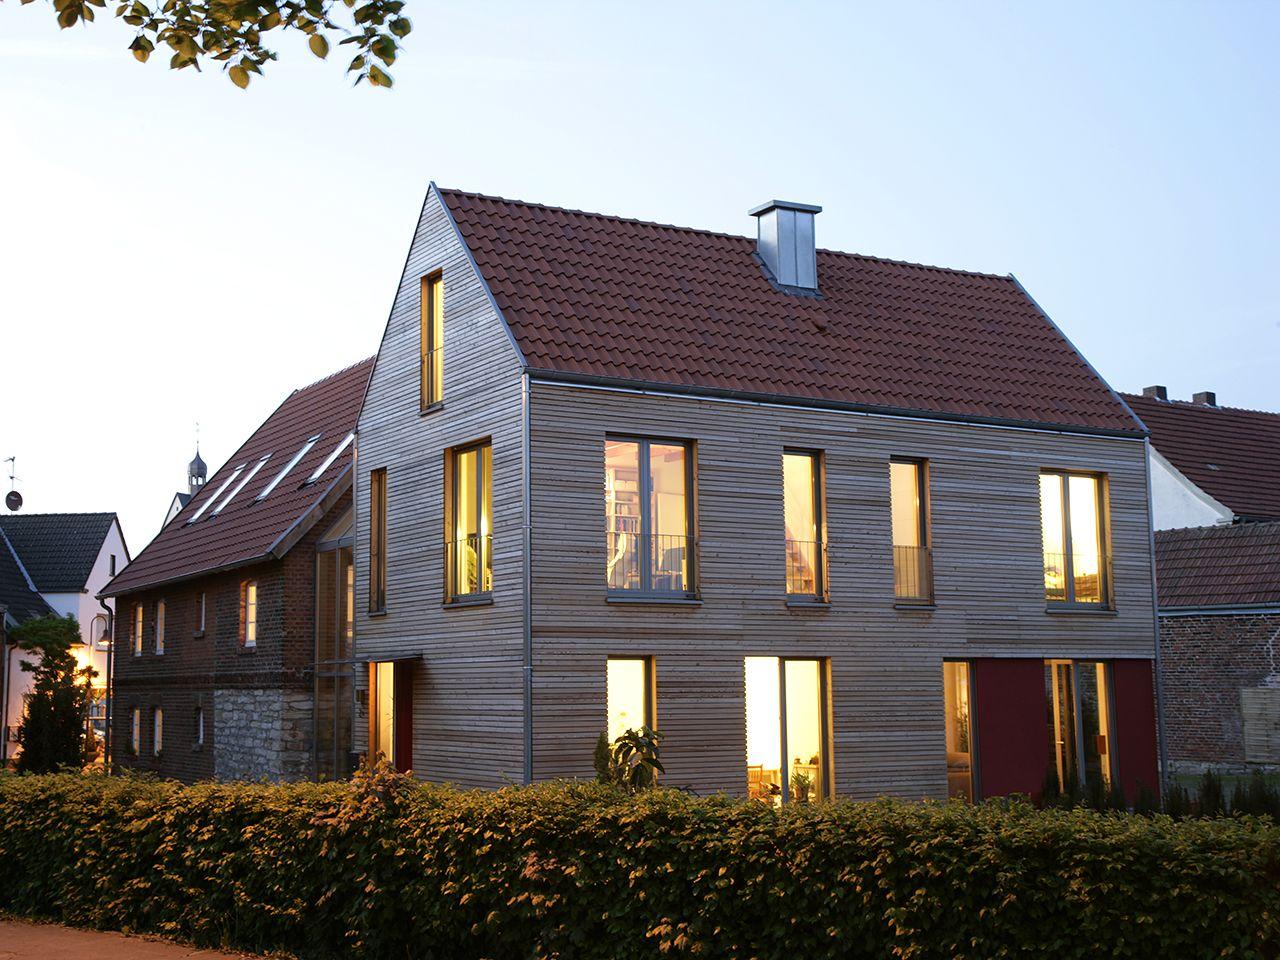 Moderner Anbau für ein historisches Wohnhaus, Holzfassade